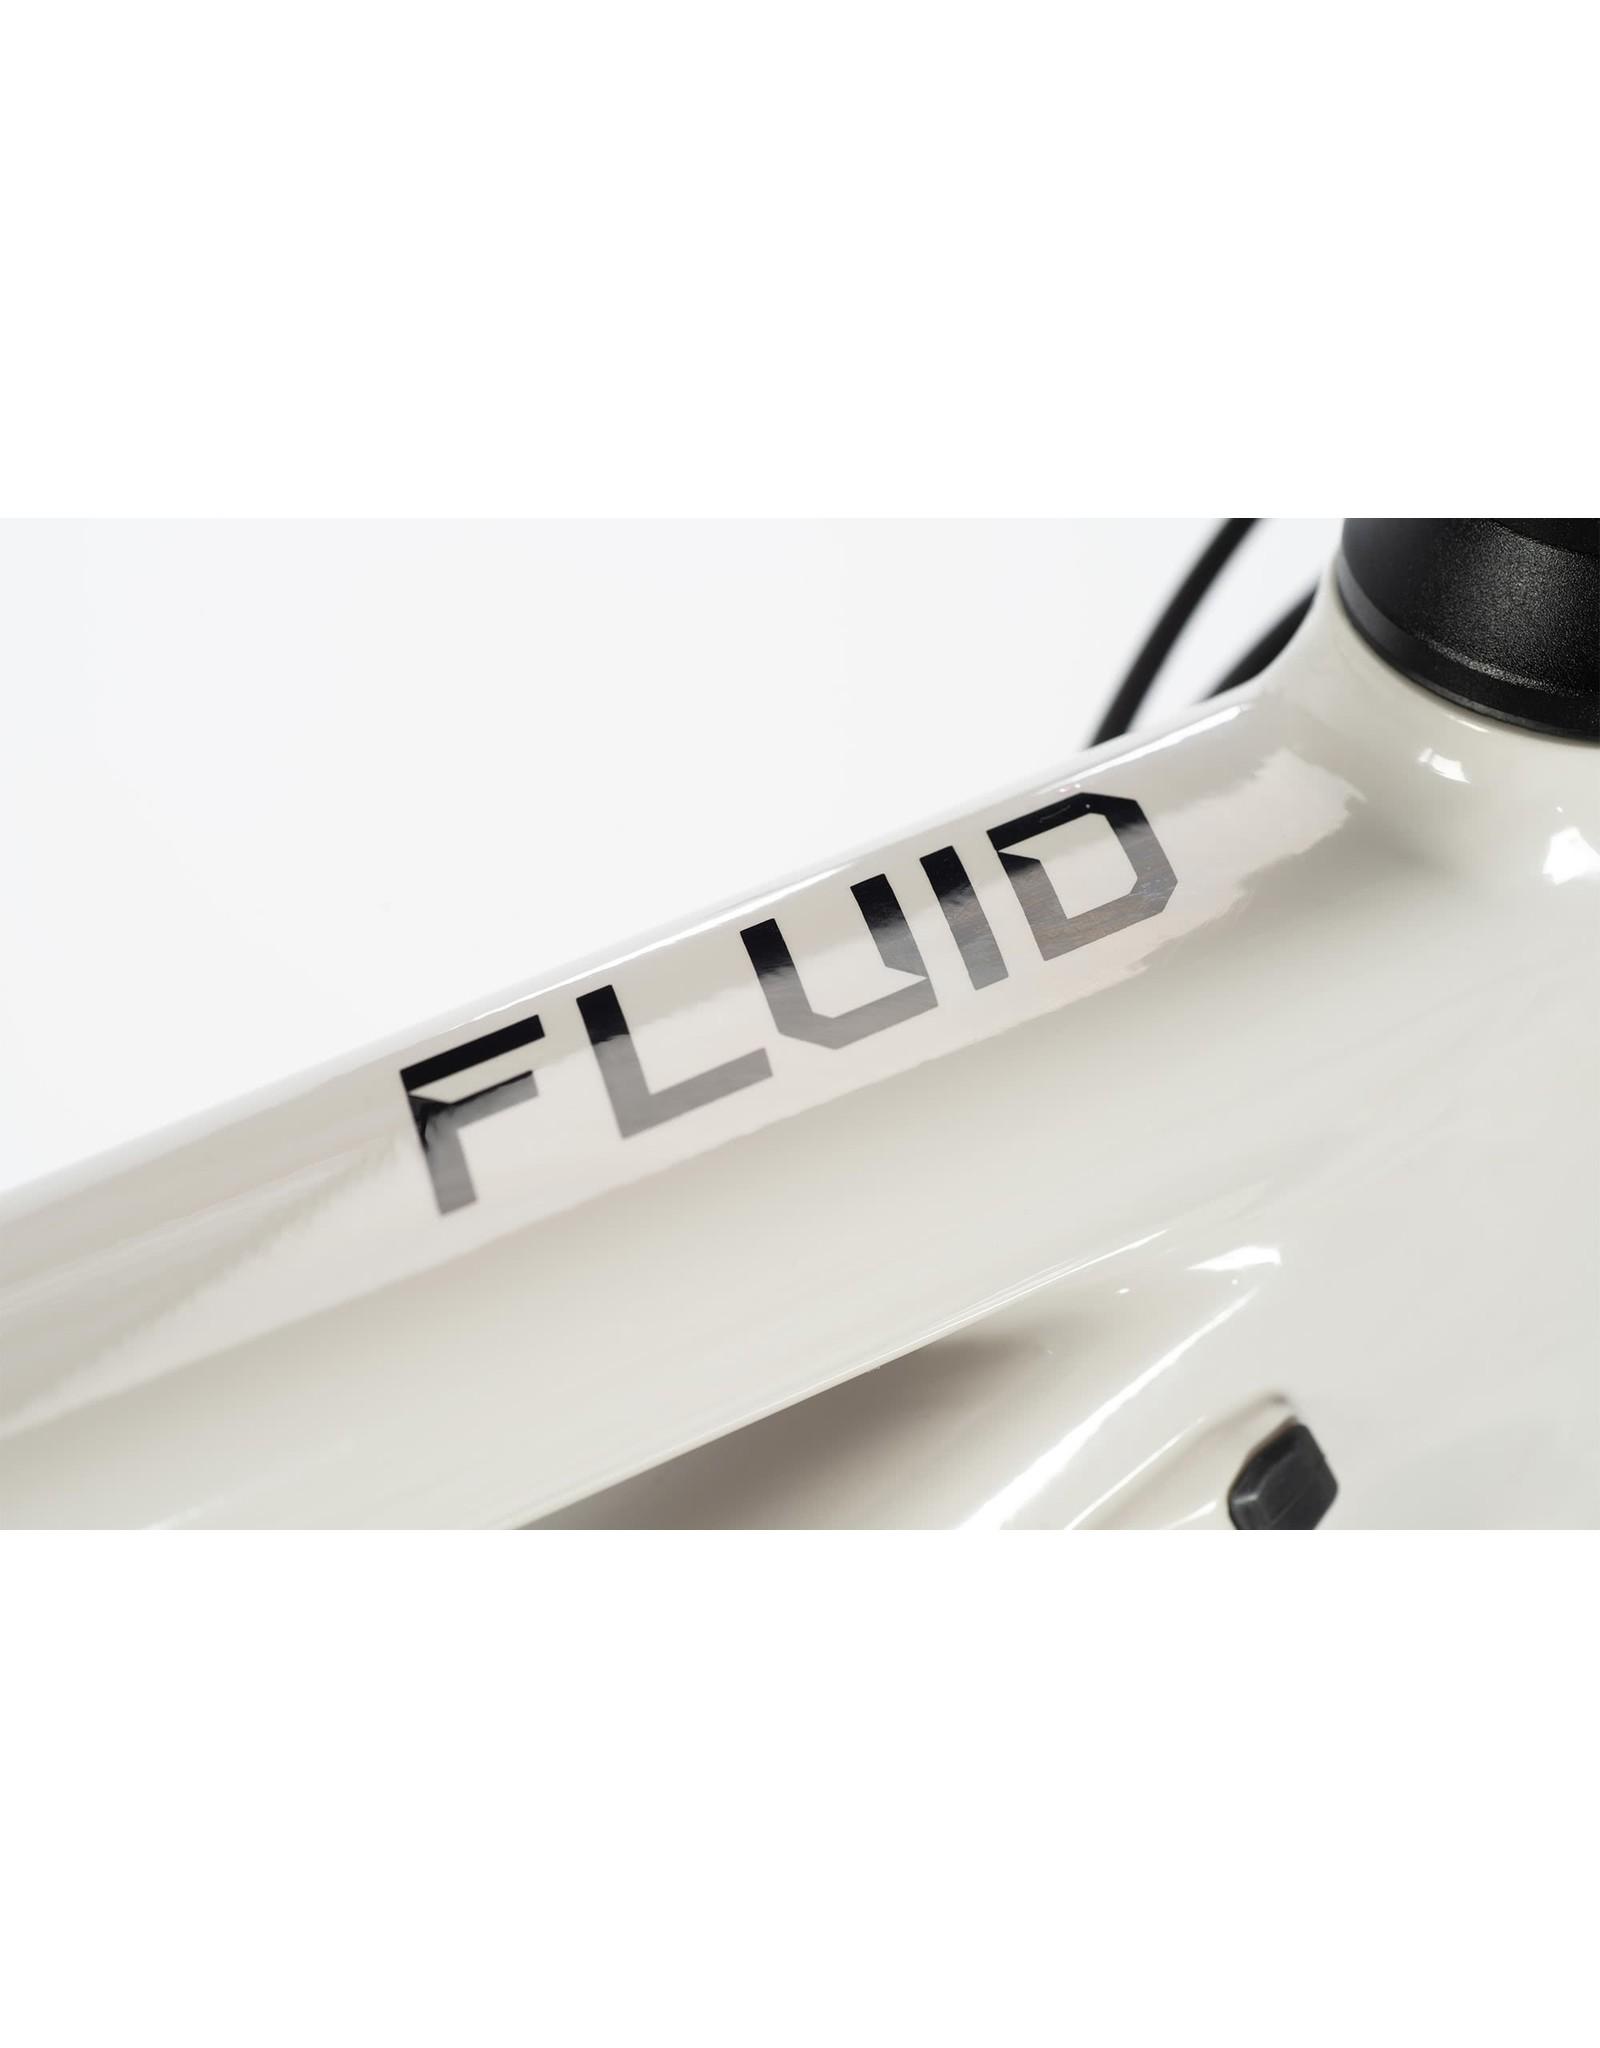 Norco 2020 Norco Fluid HT 3